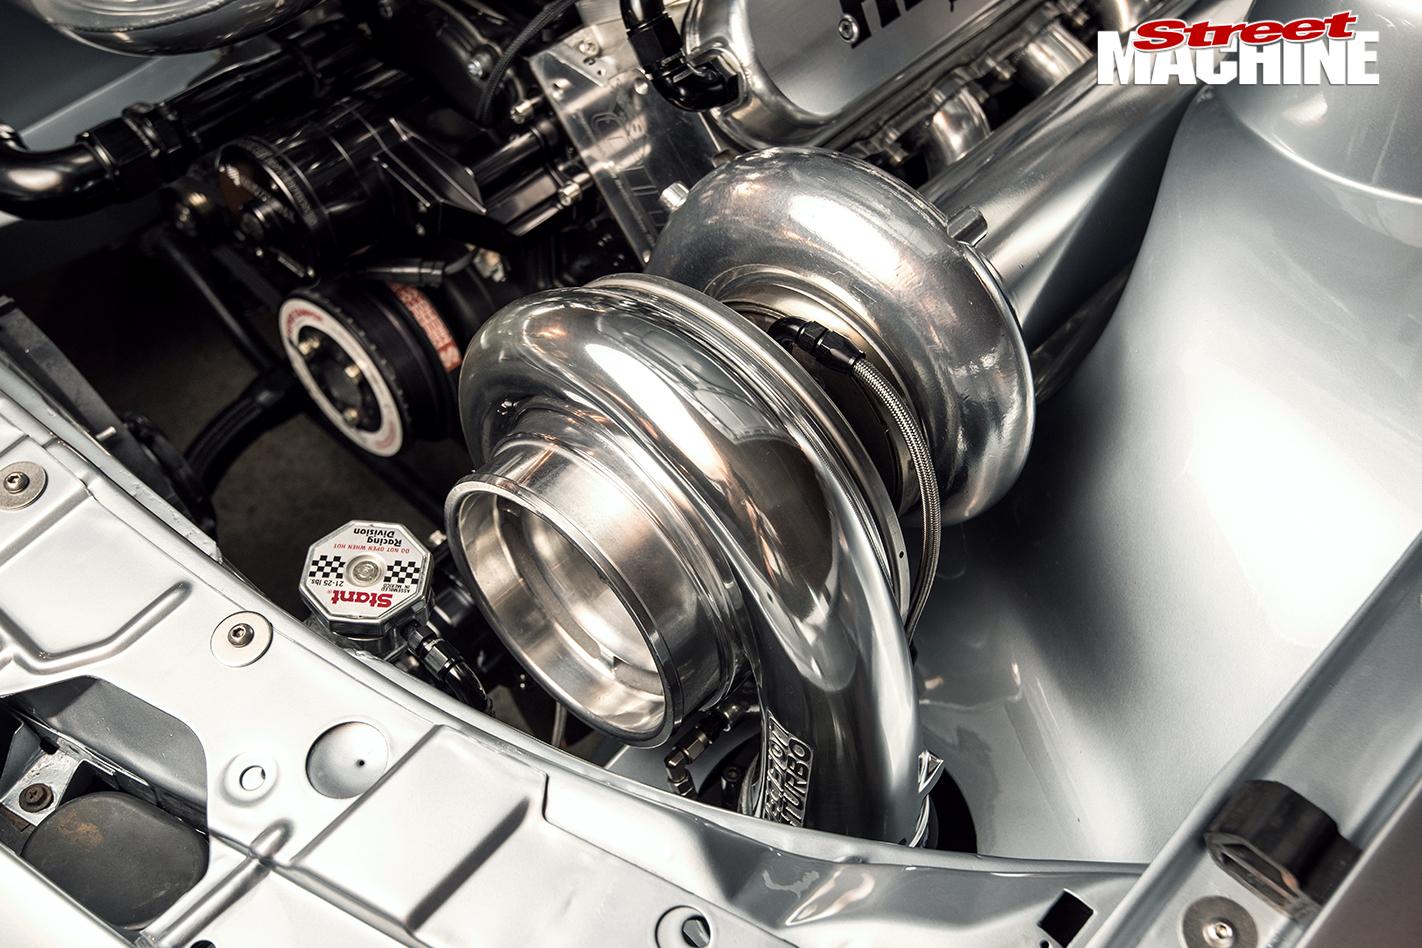 HSV-VL-Walkinshaw -engine -turbo